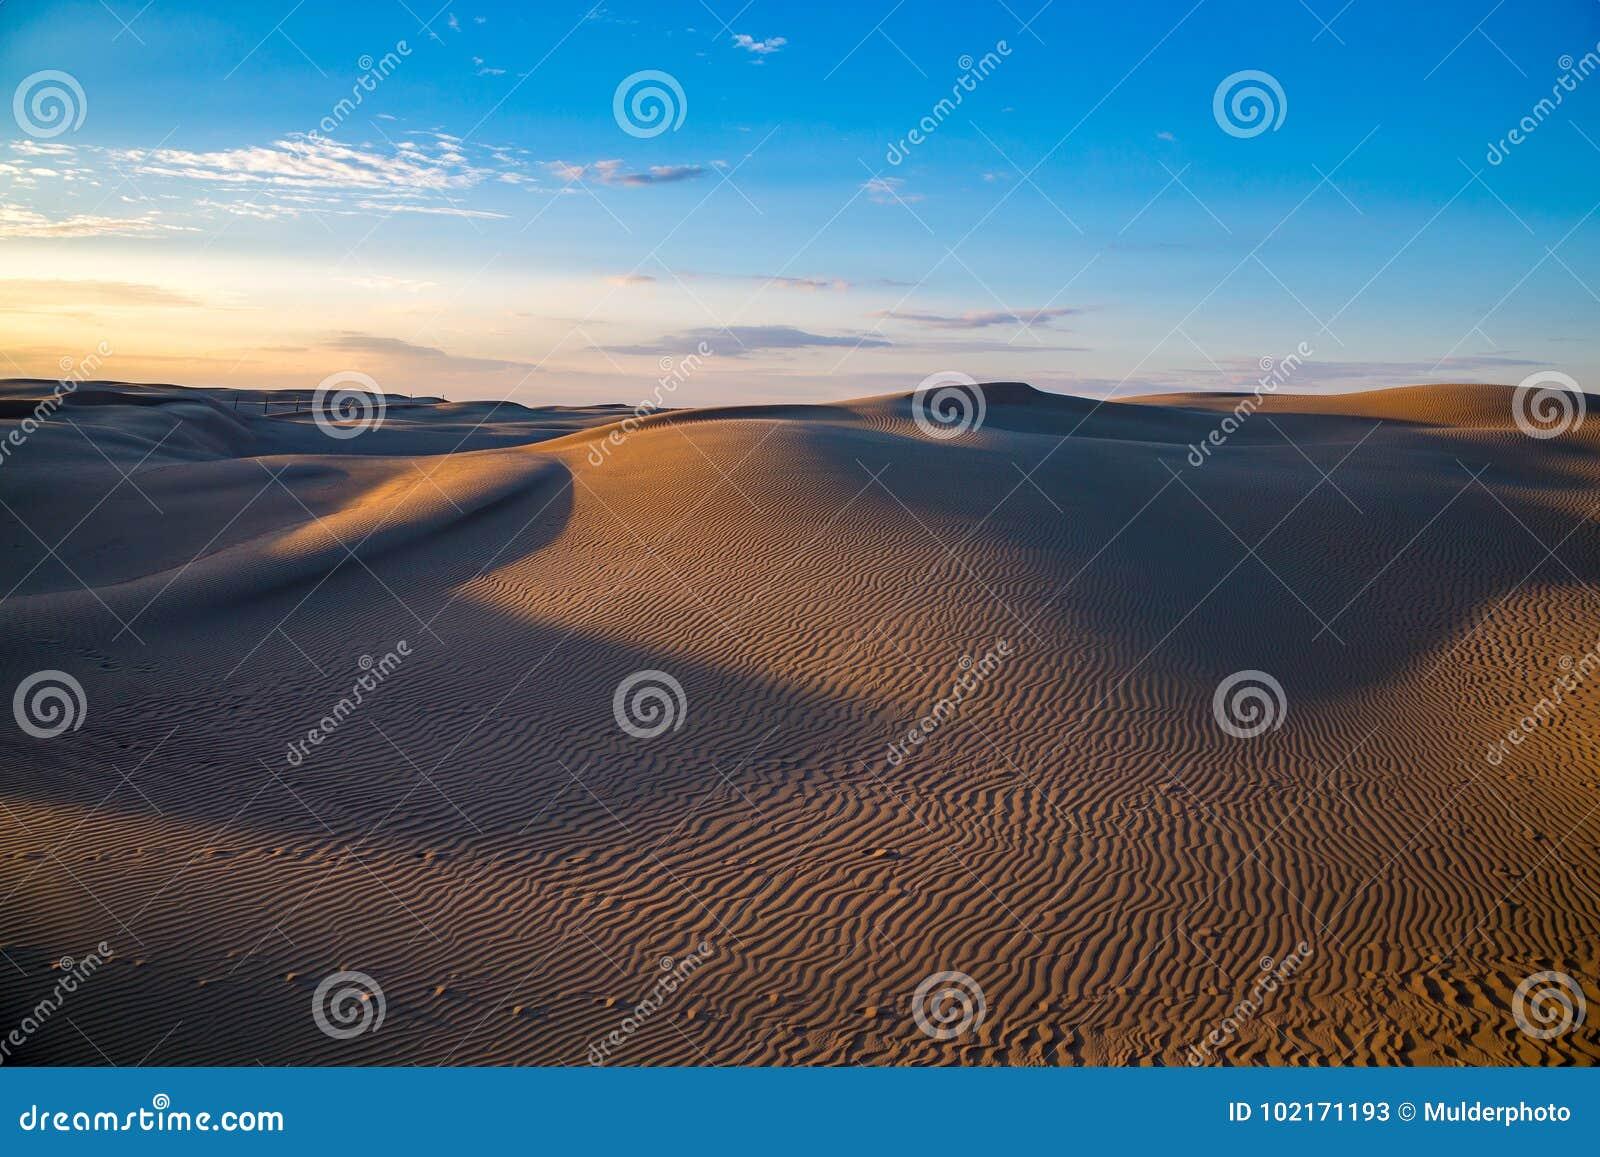 Bello paesaggio naturale del deserto, dune di sabbia sul fondo blu del cielo di sera